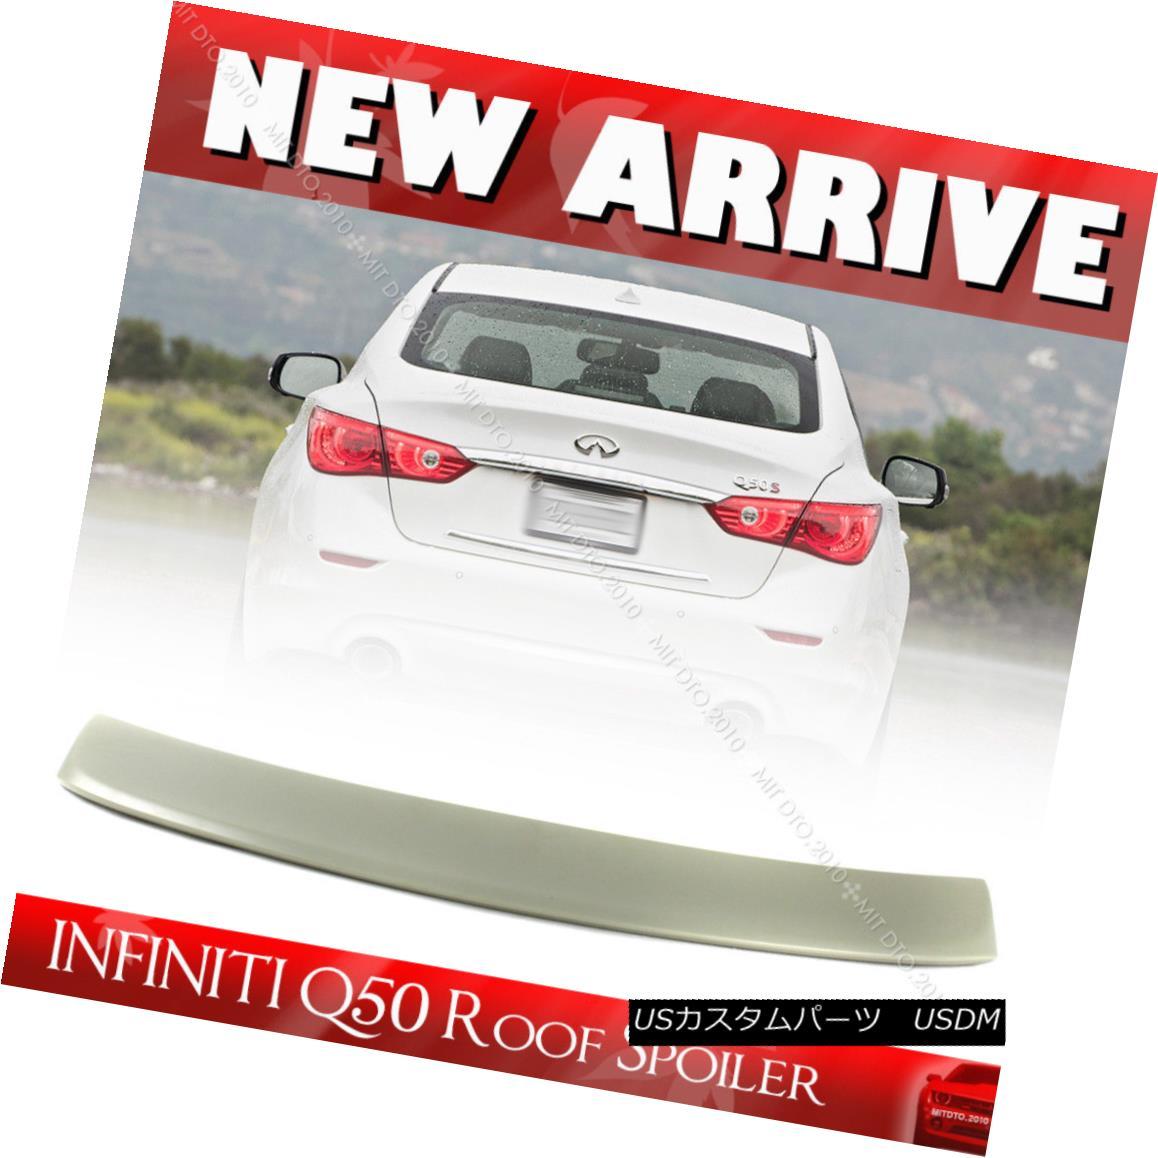 エアロパーツ Unpainted Rear Roof Spoiler For INFINITI Q50 V37 Sedan D Style 16 17 18 INFINITI Q50 V37セダンDスタイル16 17 18の未塗装リアールーフスポイラー